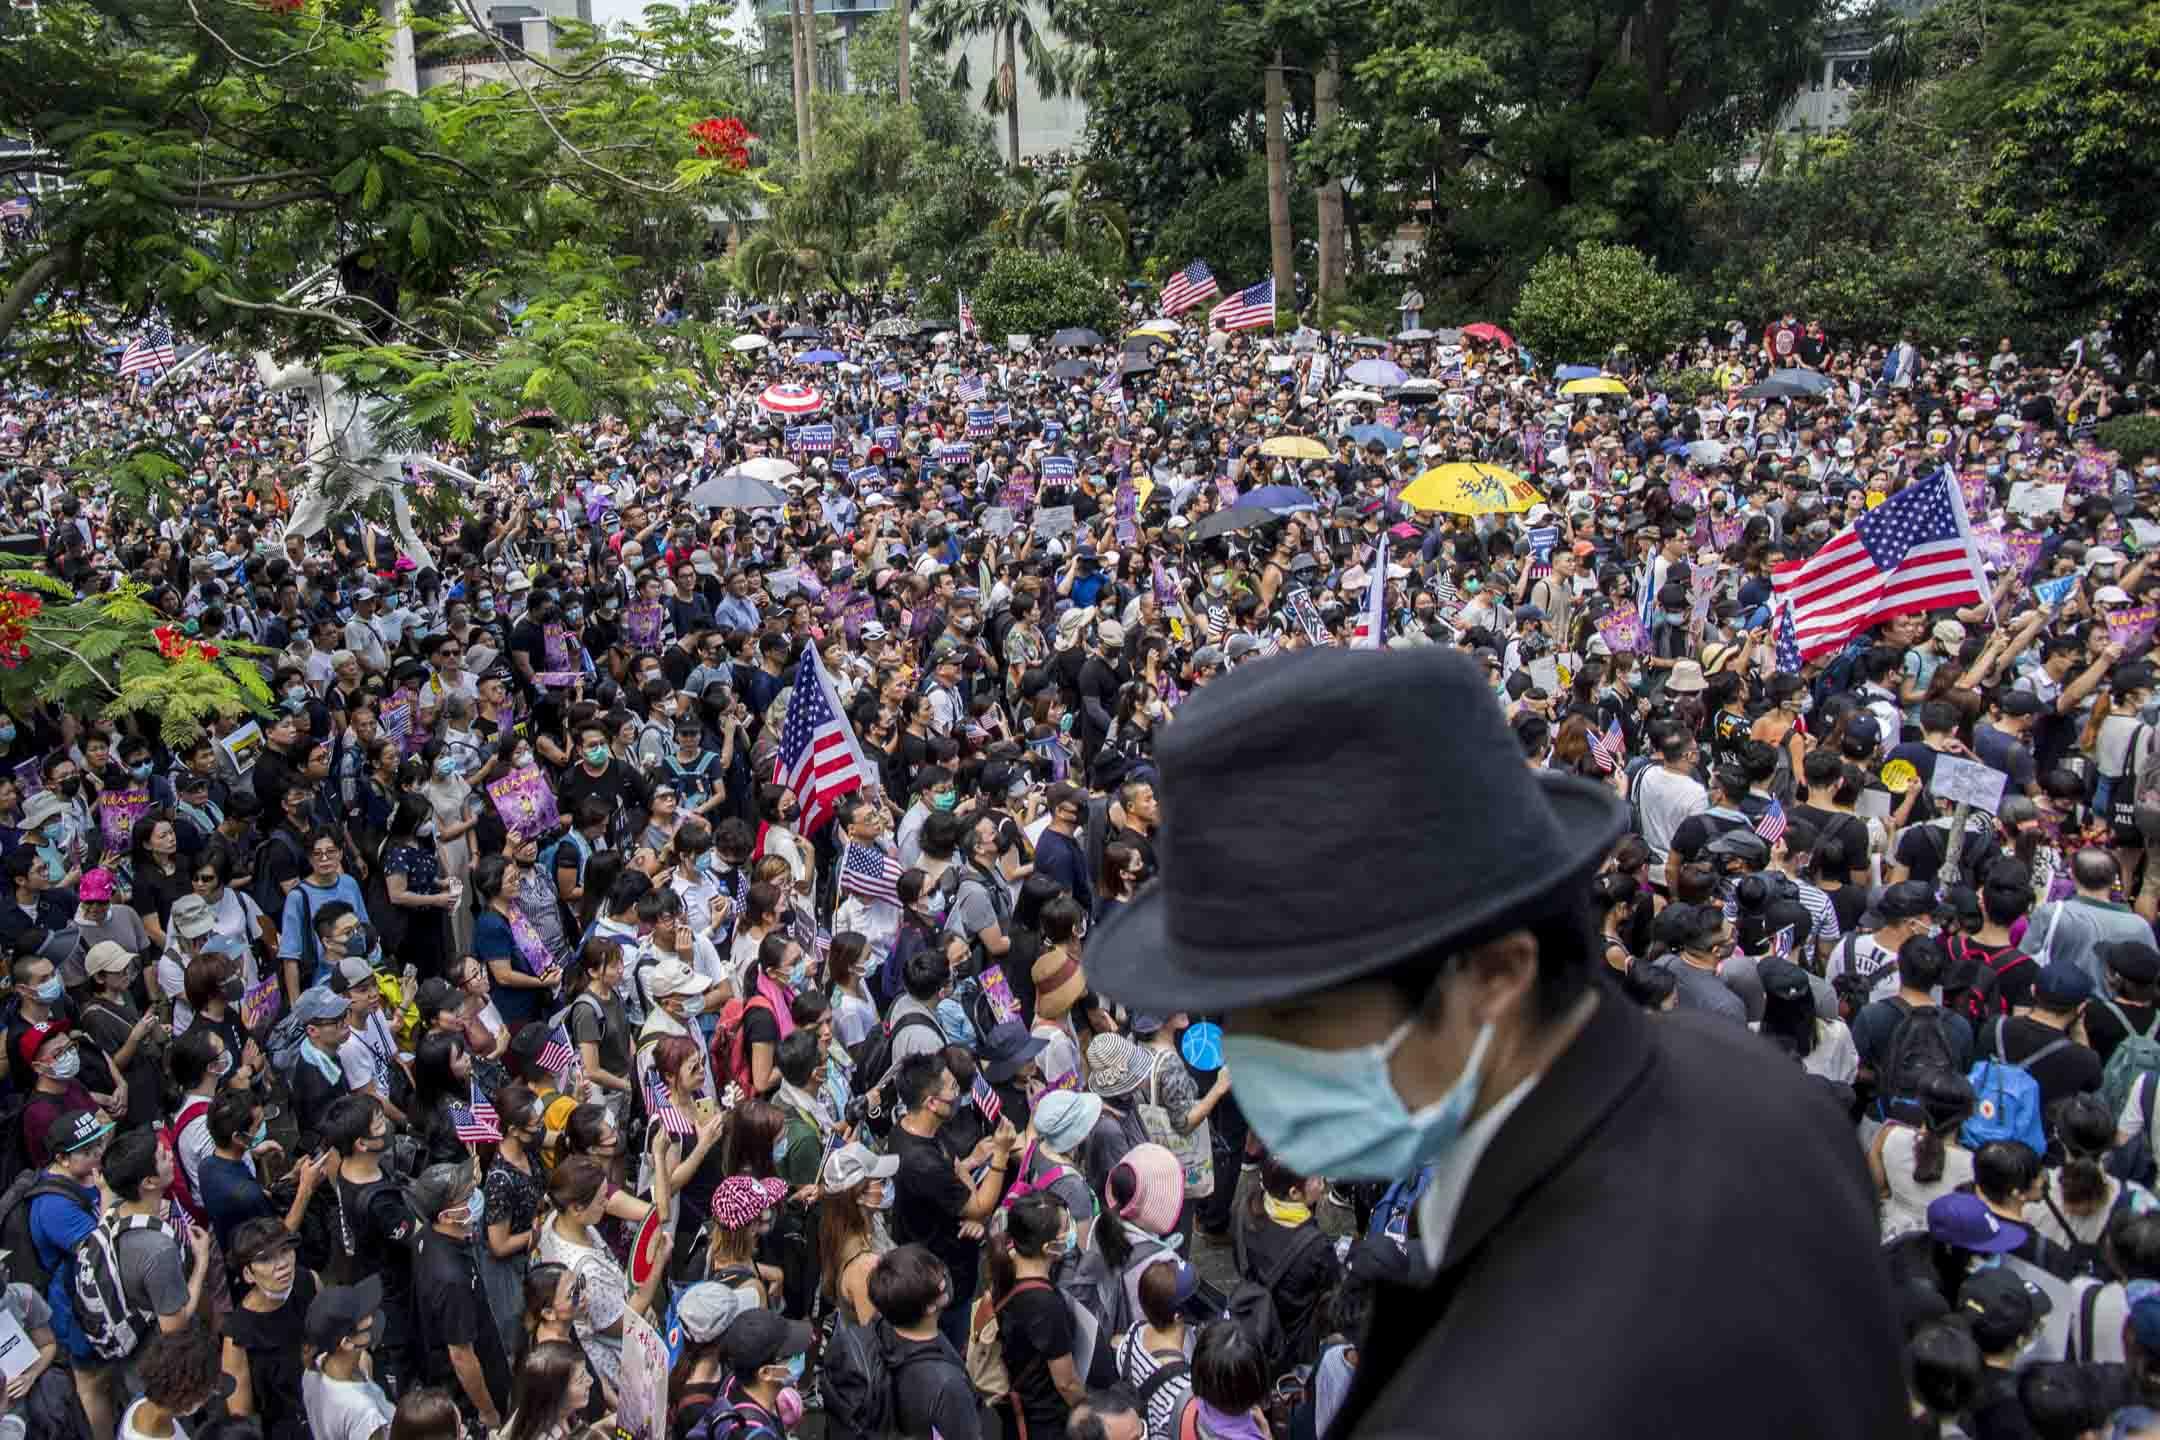 2019年9月8日,有網民發起在中環遮打花園舉行「香港人權與民主祈禱會」,隨後遊行至美國駐港總領事館。 攝:林振東/端傳媒